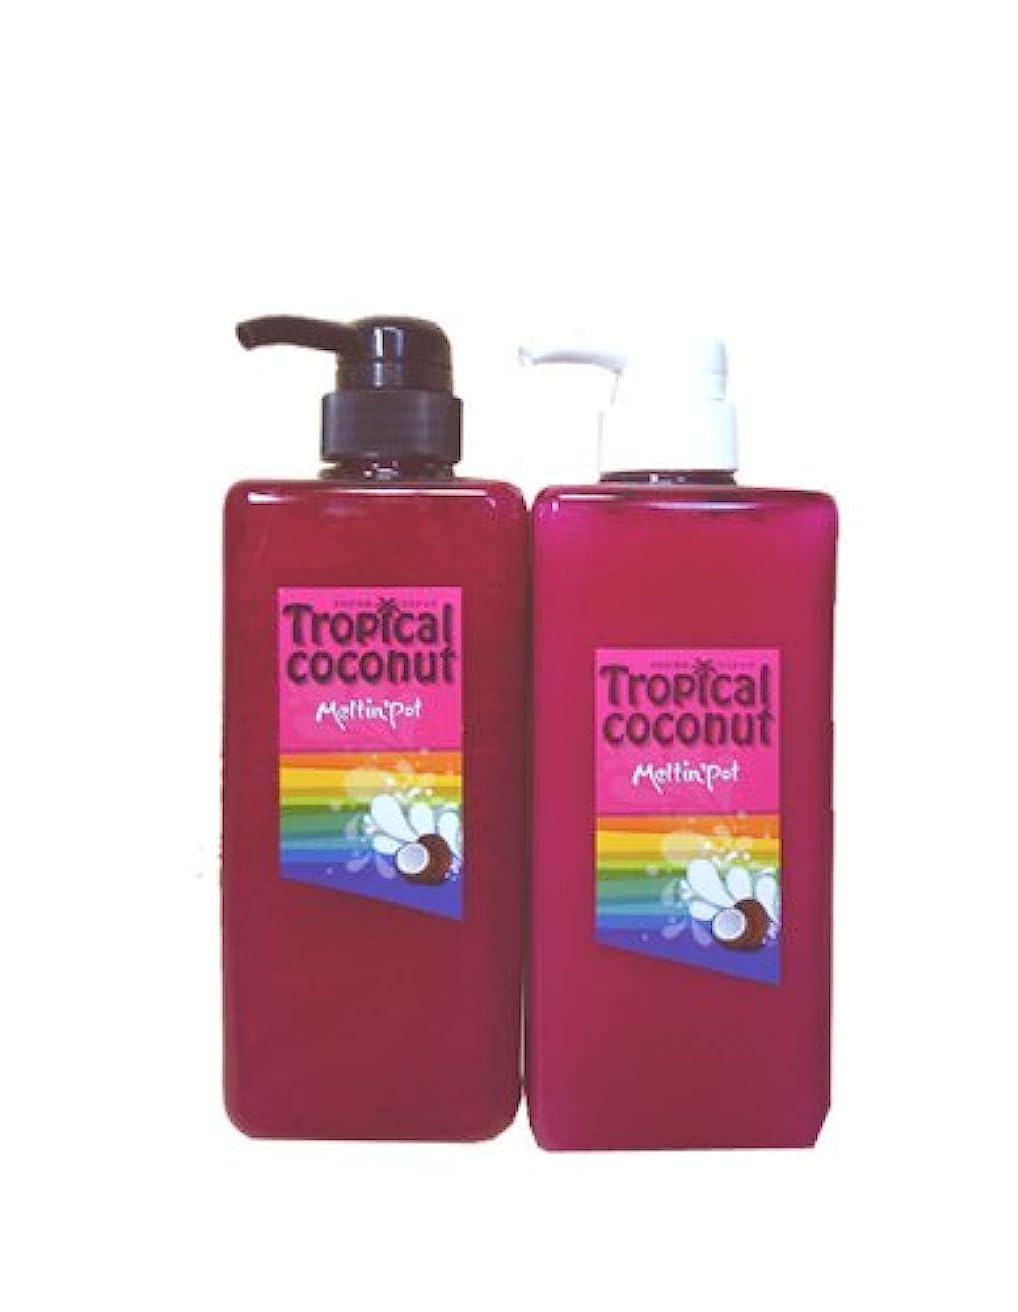 気分疑い懺悔トロピカルココナッツ シャンプー&トリートメント 600ml*2  Tropical coconut shampoo&treatment